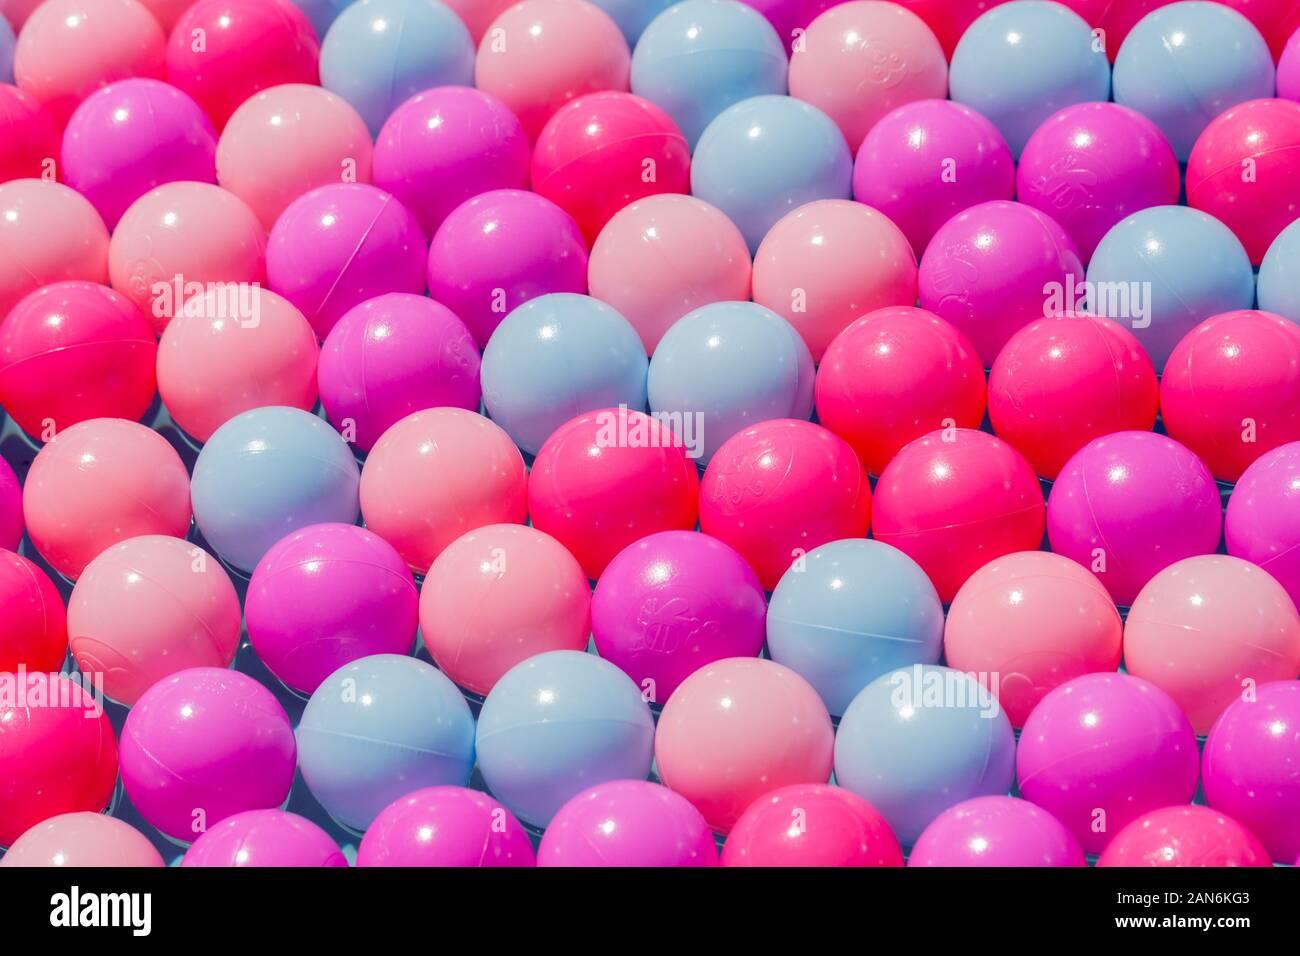 Sfere di plastica di vari colori perfettamente allineati in diverse file. Concetto. Simbolo di unità, perfezione, diversità, alginment, essere diversi. Foto Stock